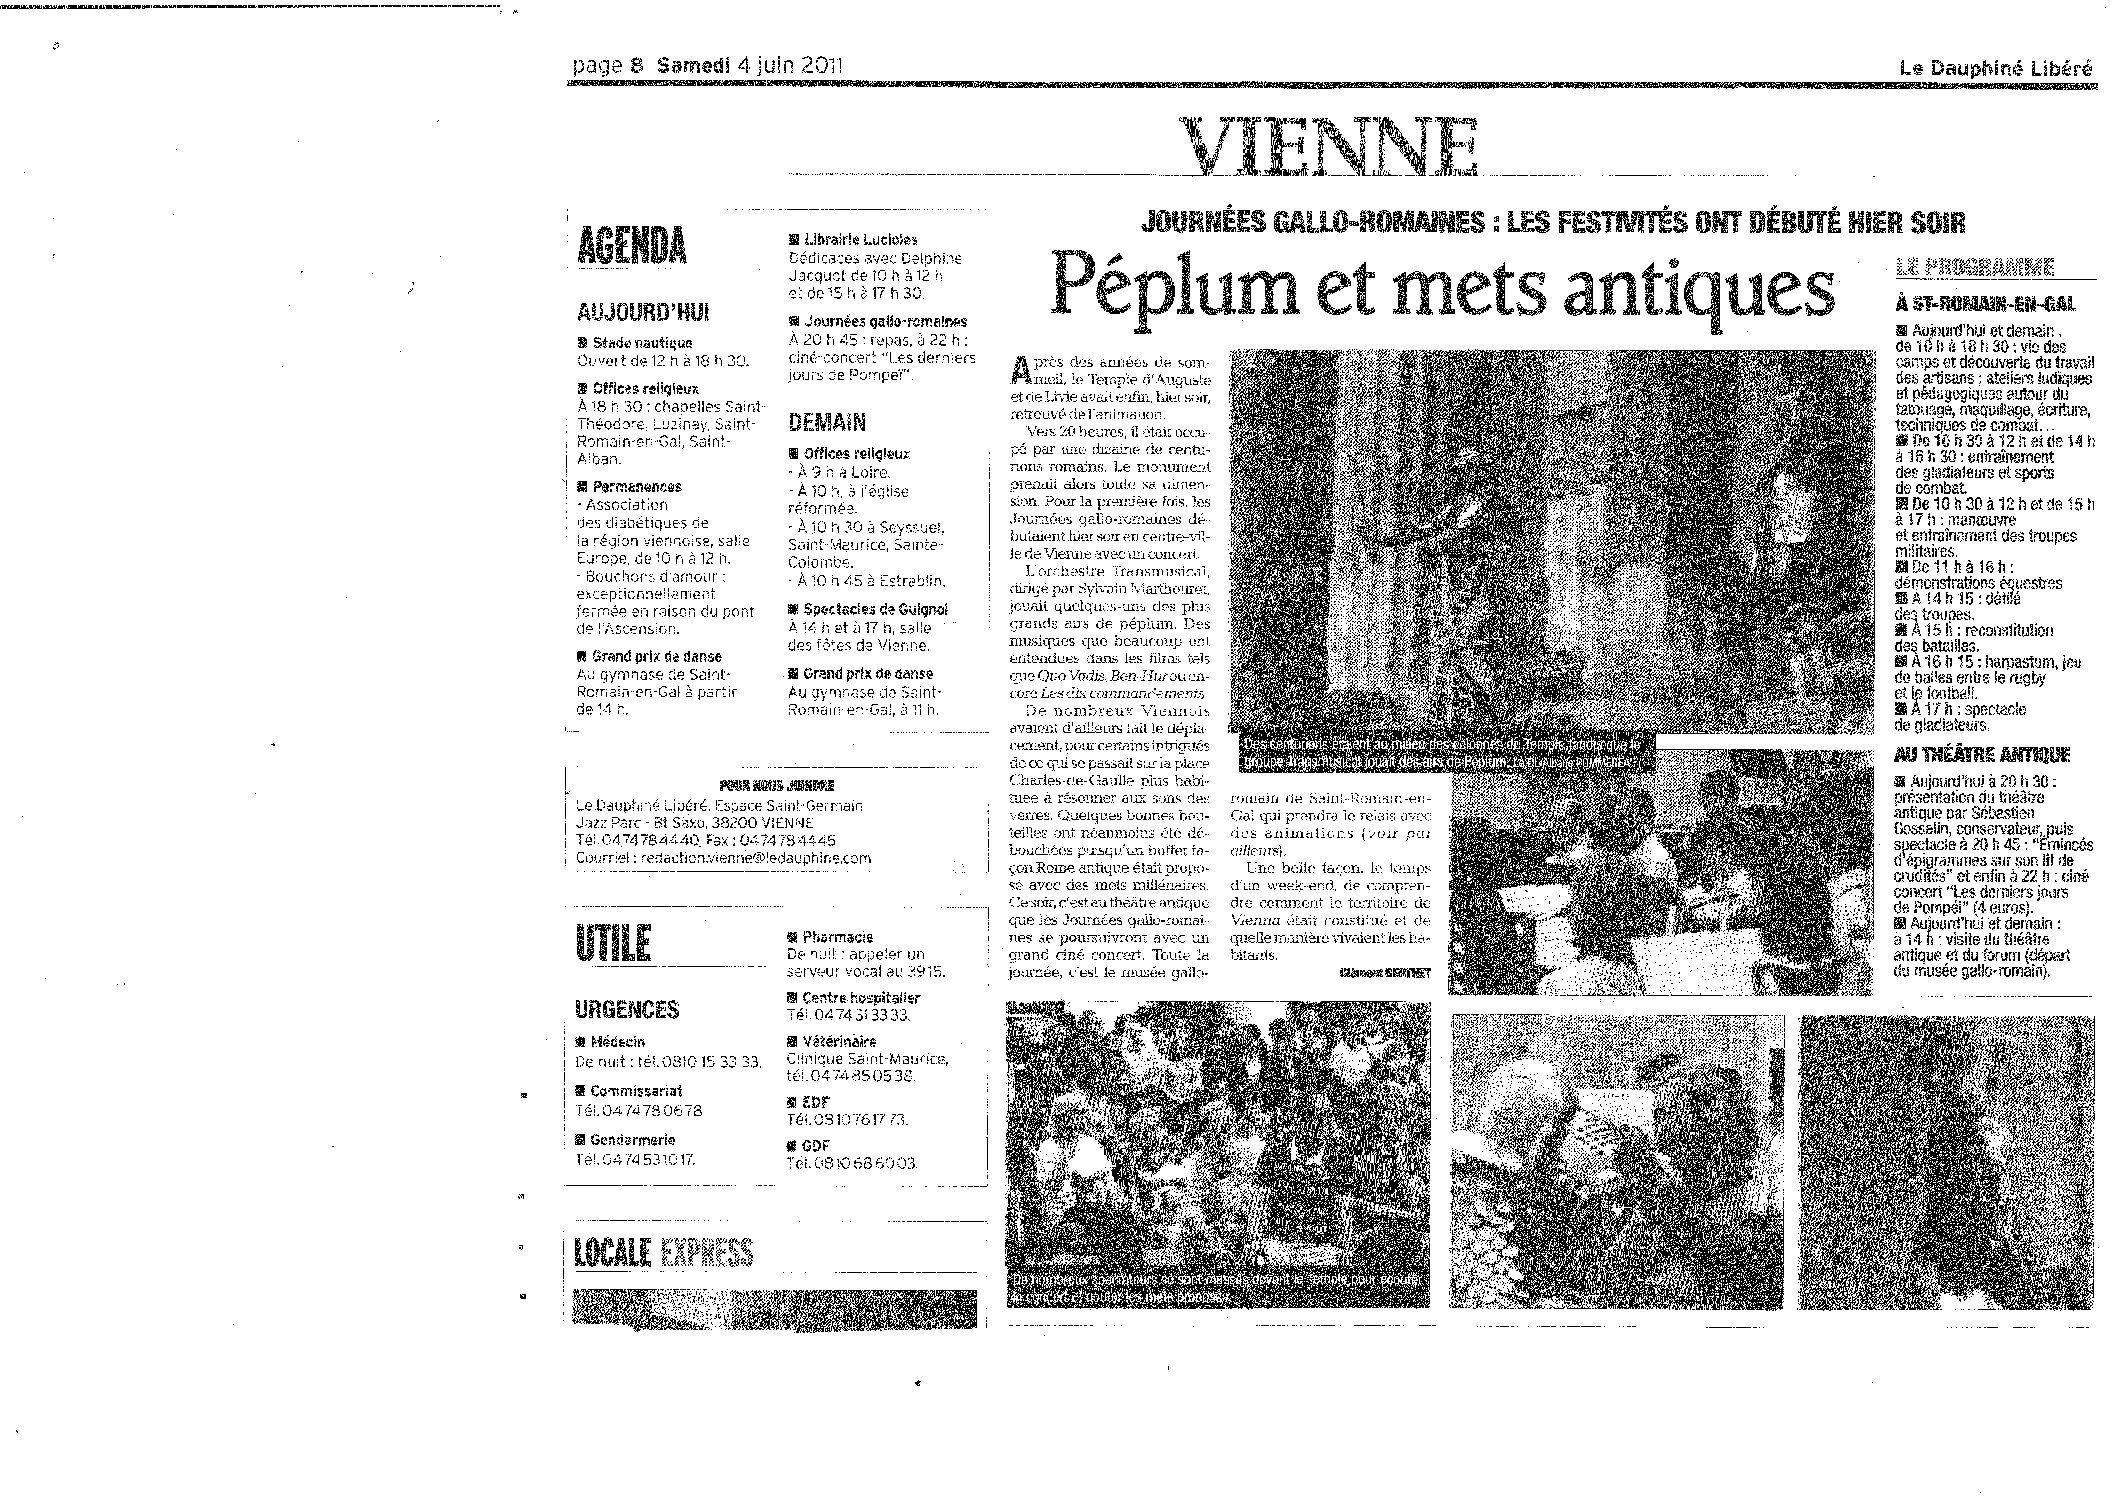 Le Dauphiné Libéré (samedi 4 juin 2011. Page 8)